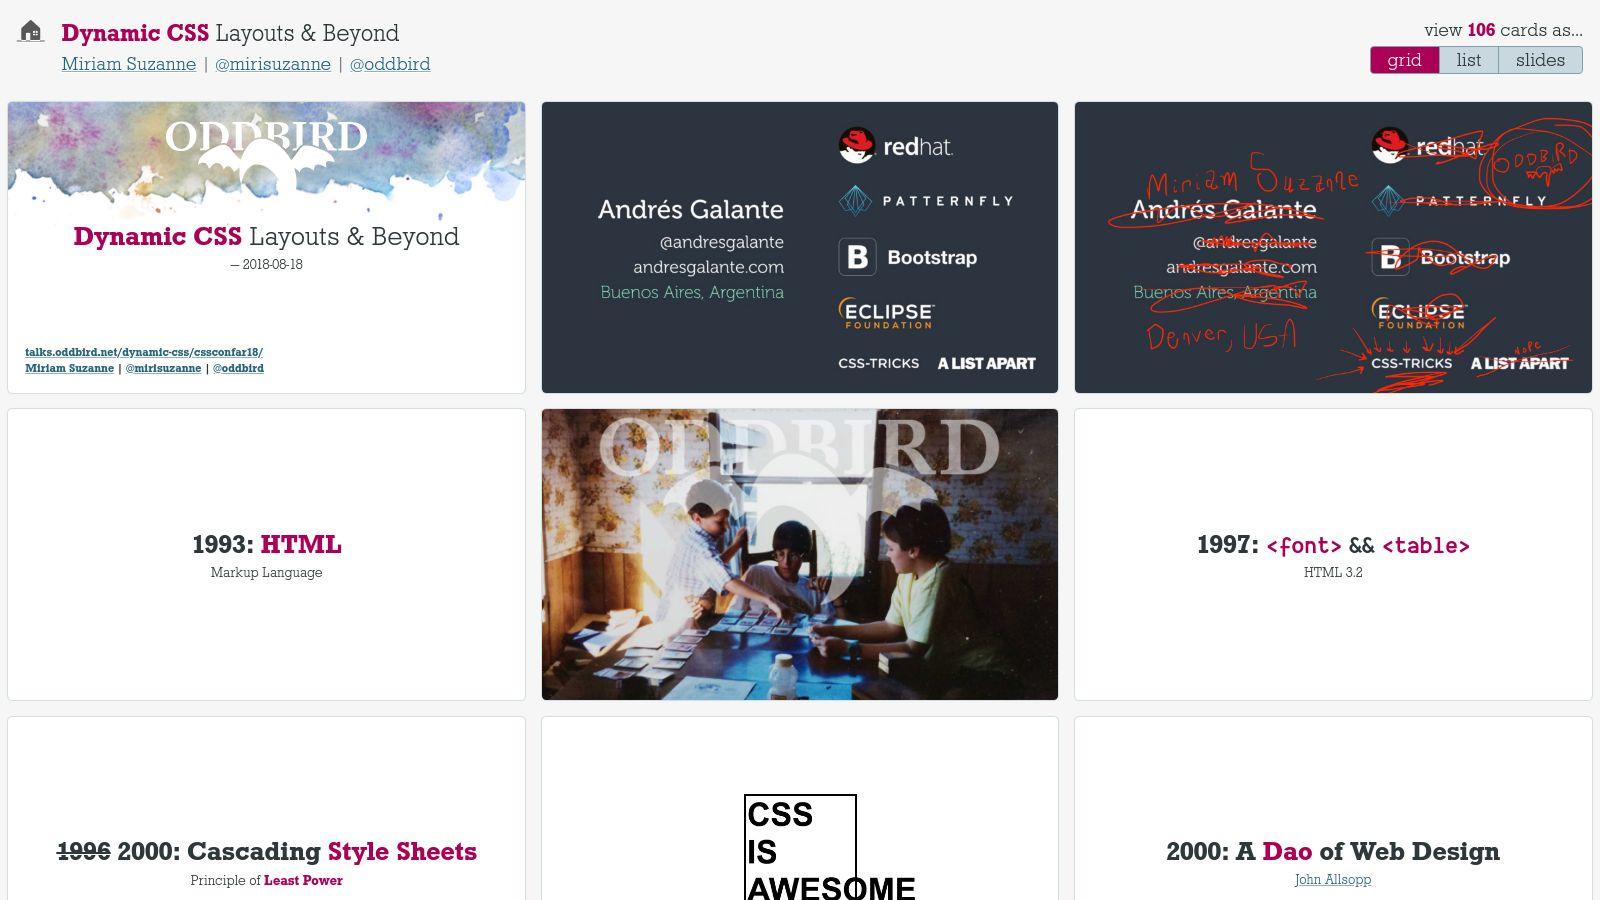 Dynamic CSS: Layouts & Beyond